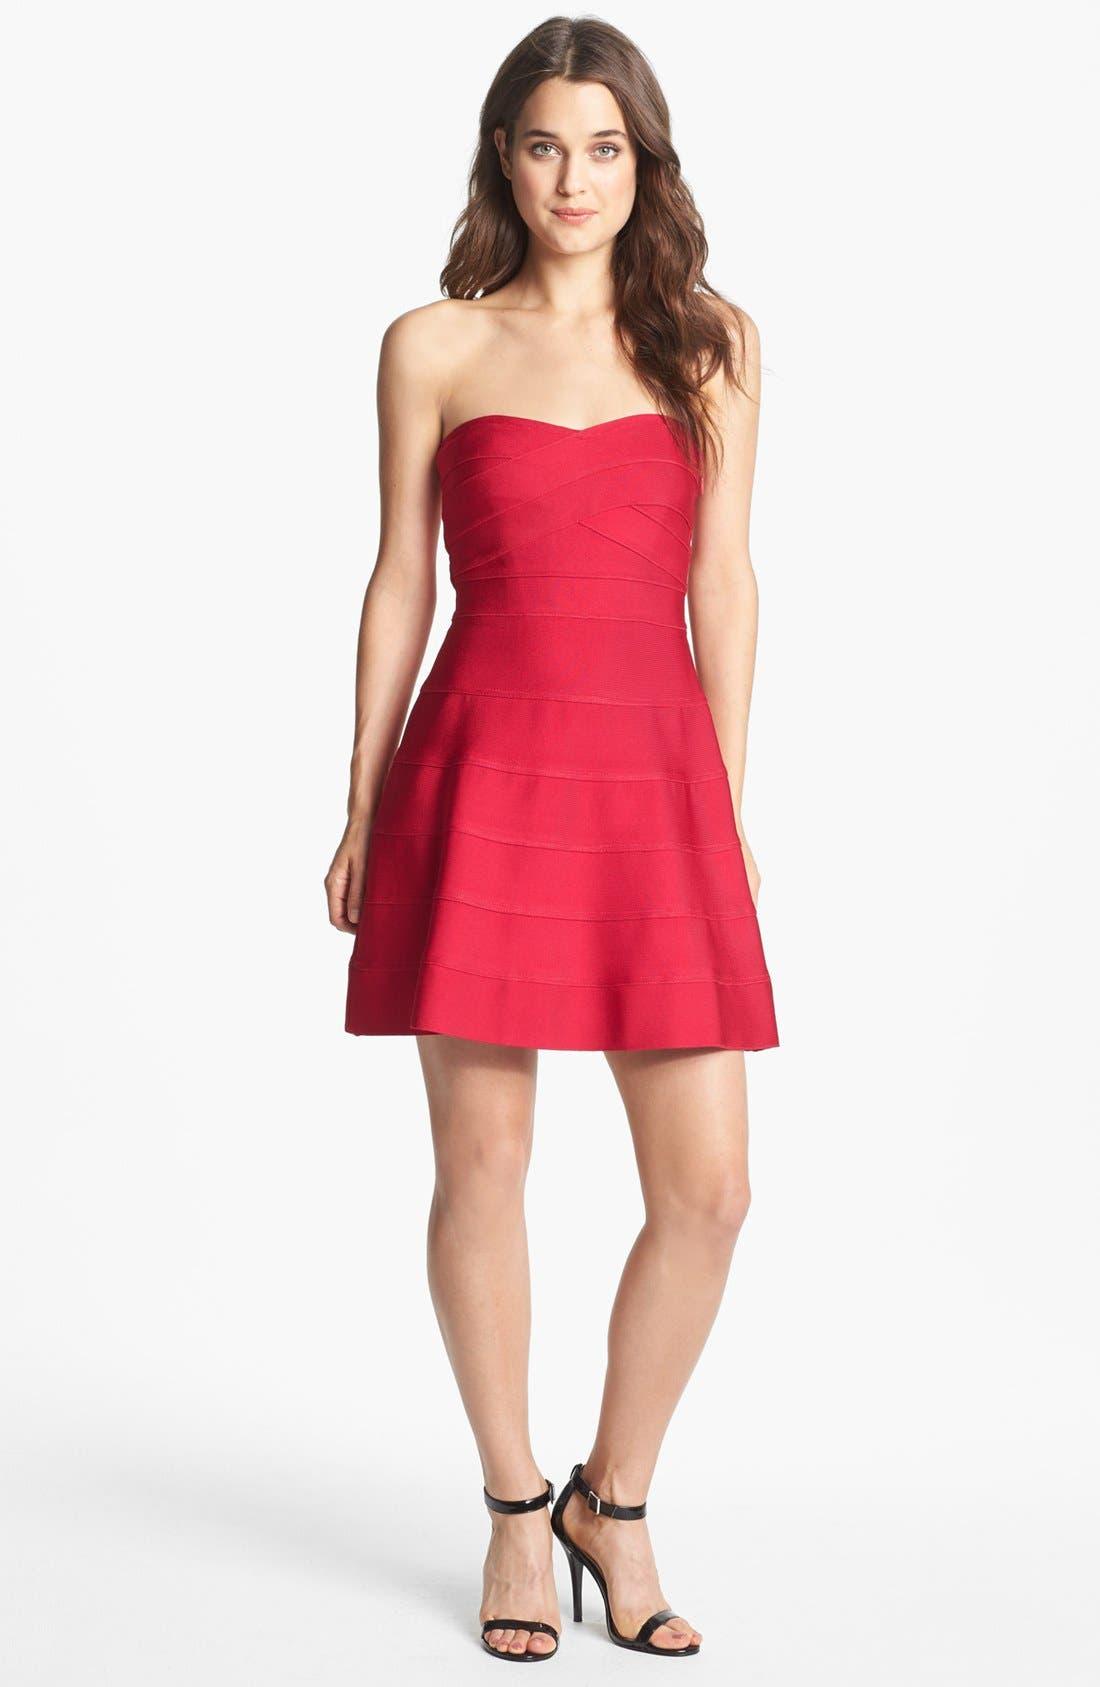 Main Image - ERIN erin fetherston 'Jane' Bandage Fit & Flare Dress